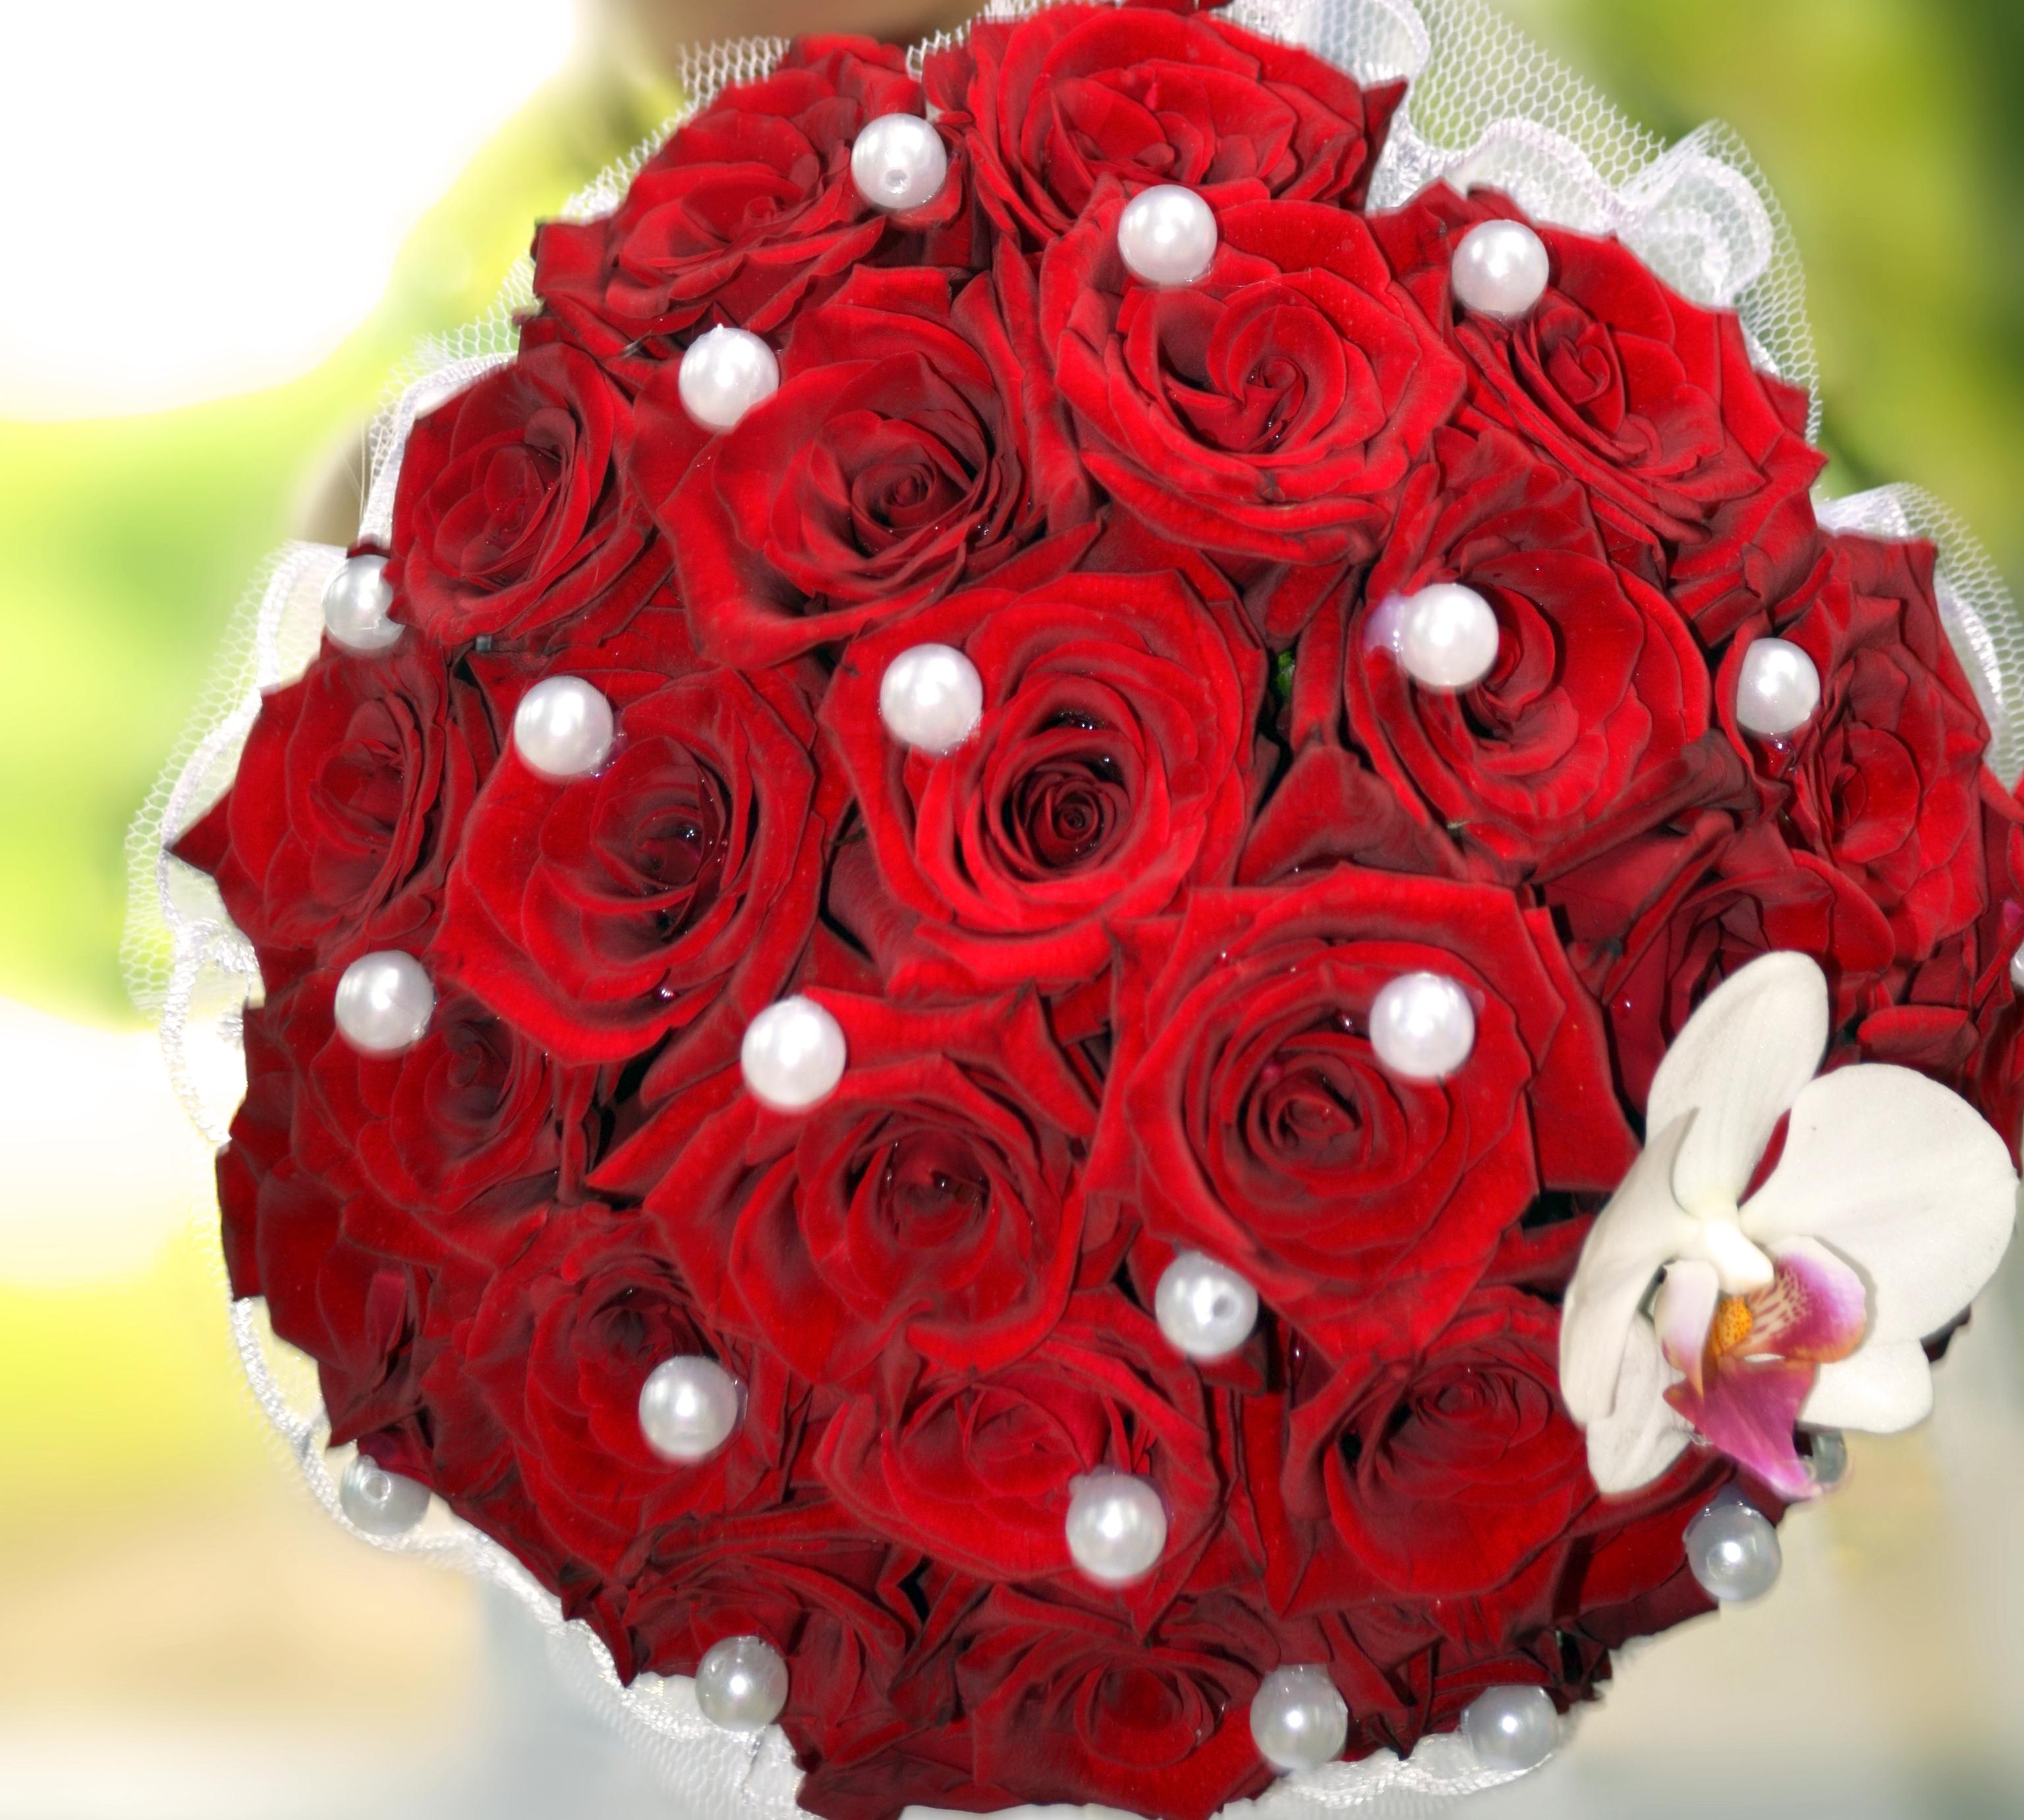 фото цветы букеты розы красные